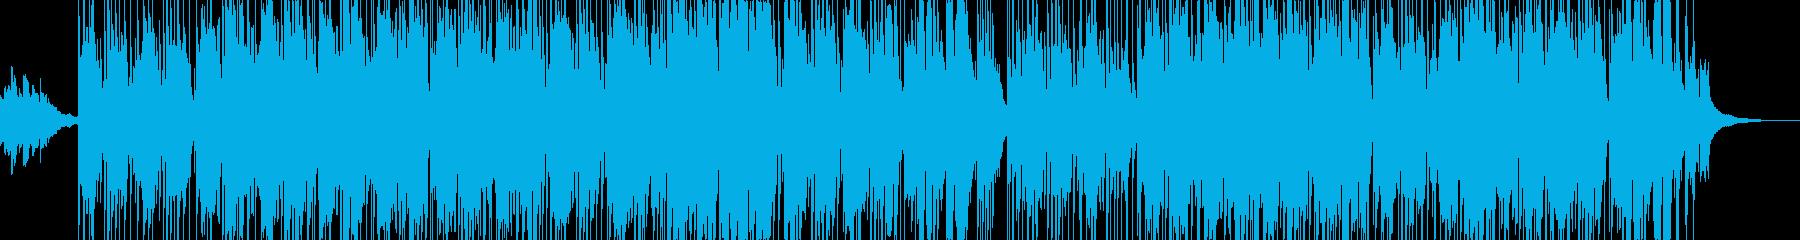 正しい答えの再生済みの波形